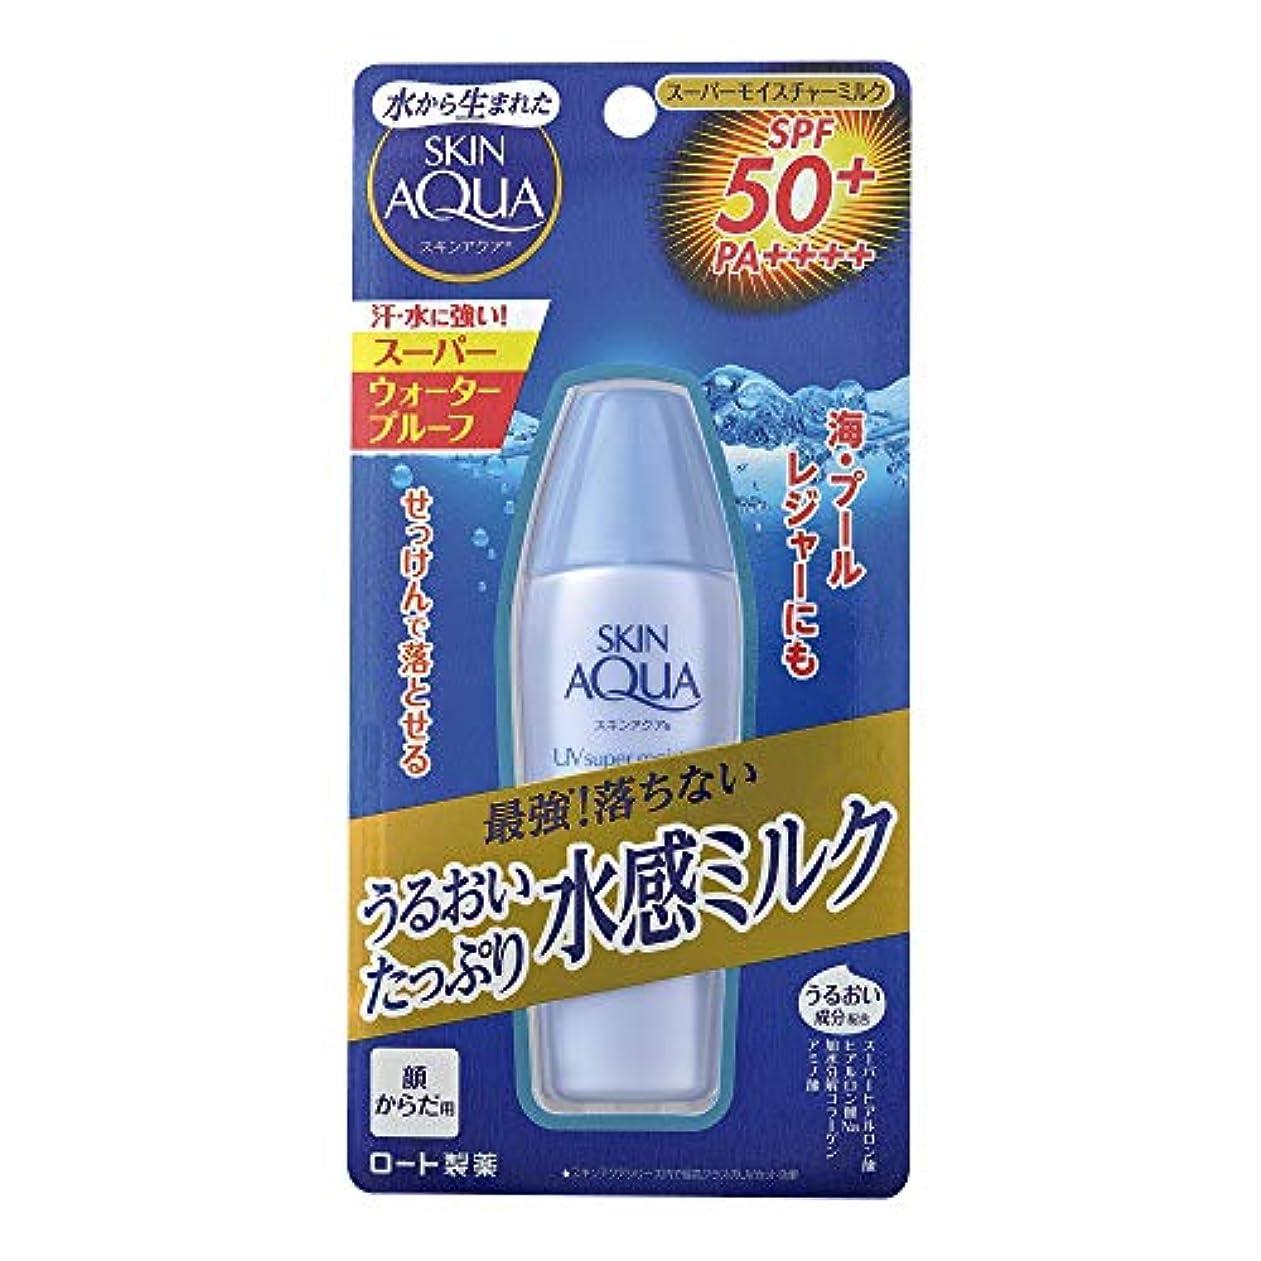 はねかけるサワーまたはスキンアクア (SKIN AQUA) 日焼け止め スーパーモイスチャーミルク 潤い成分4種配合 水感ミルク (SPF50 PA++++) 40mL ※スーパーウォータープルーフ